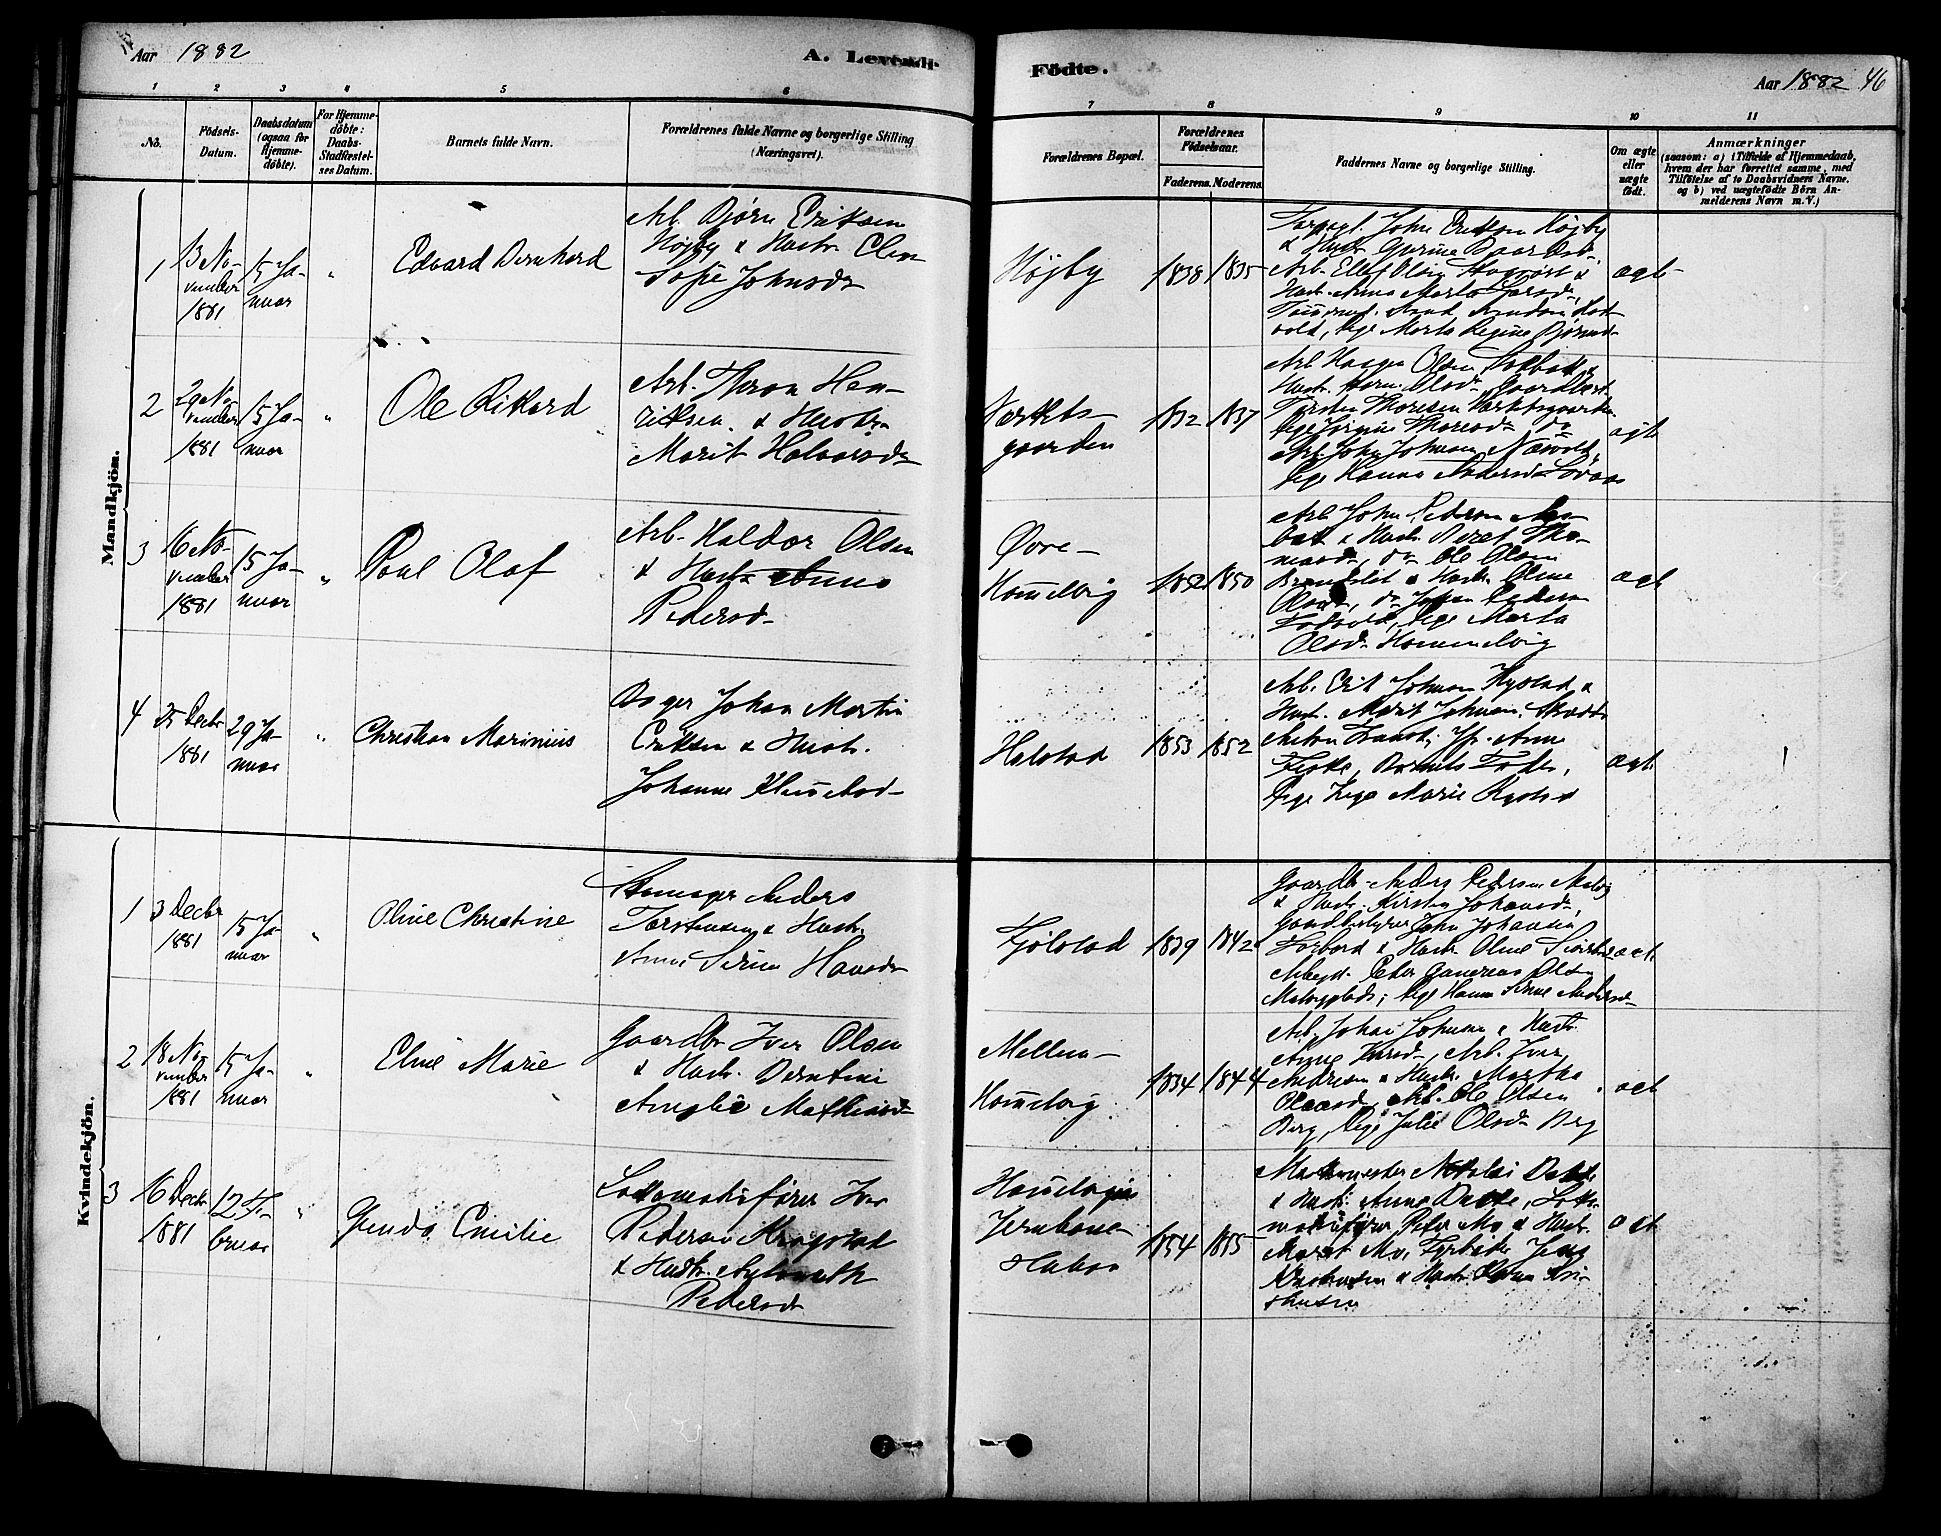 SAT, Ministerialprotokoller, klokkerbøker og fødselsregistre - Sør-Trøndelag, 616/L0410: Ministerialbok nr. 616A07, 1878-1893, s. 46